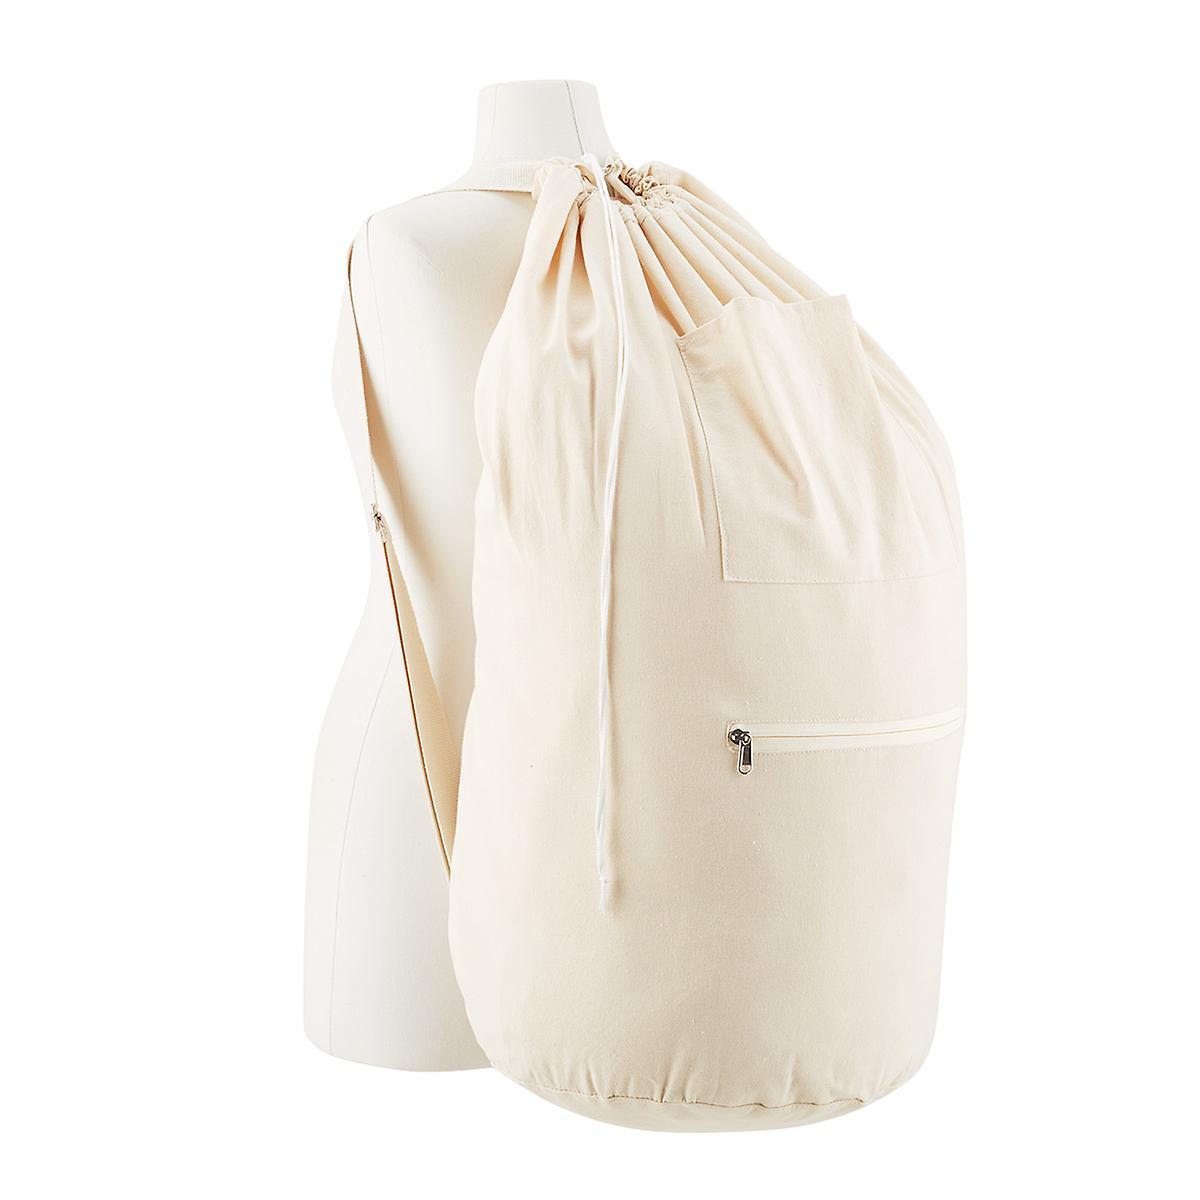 Umbra Linen Stuffle Laundry Pack